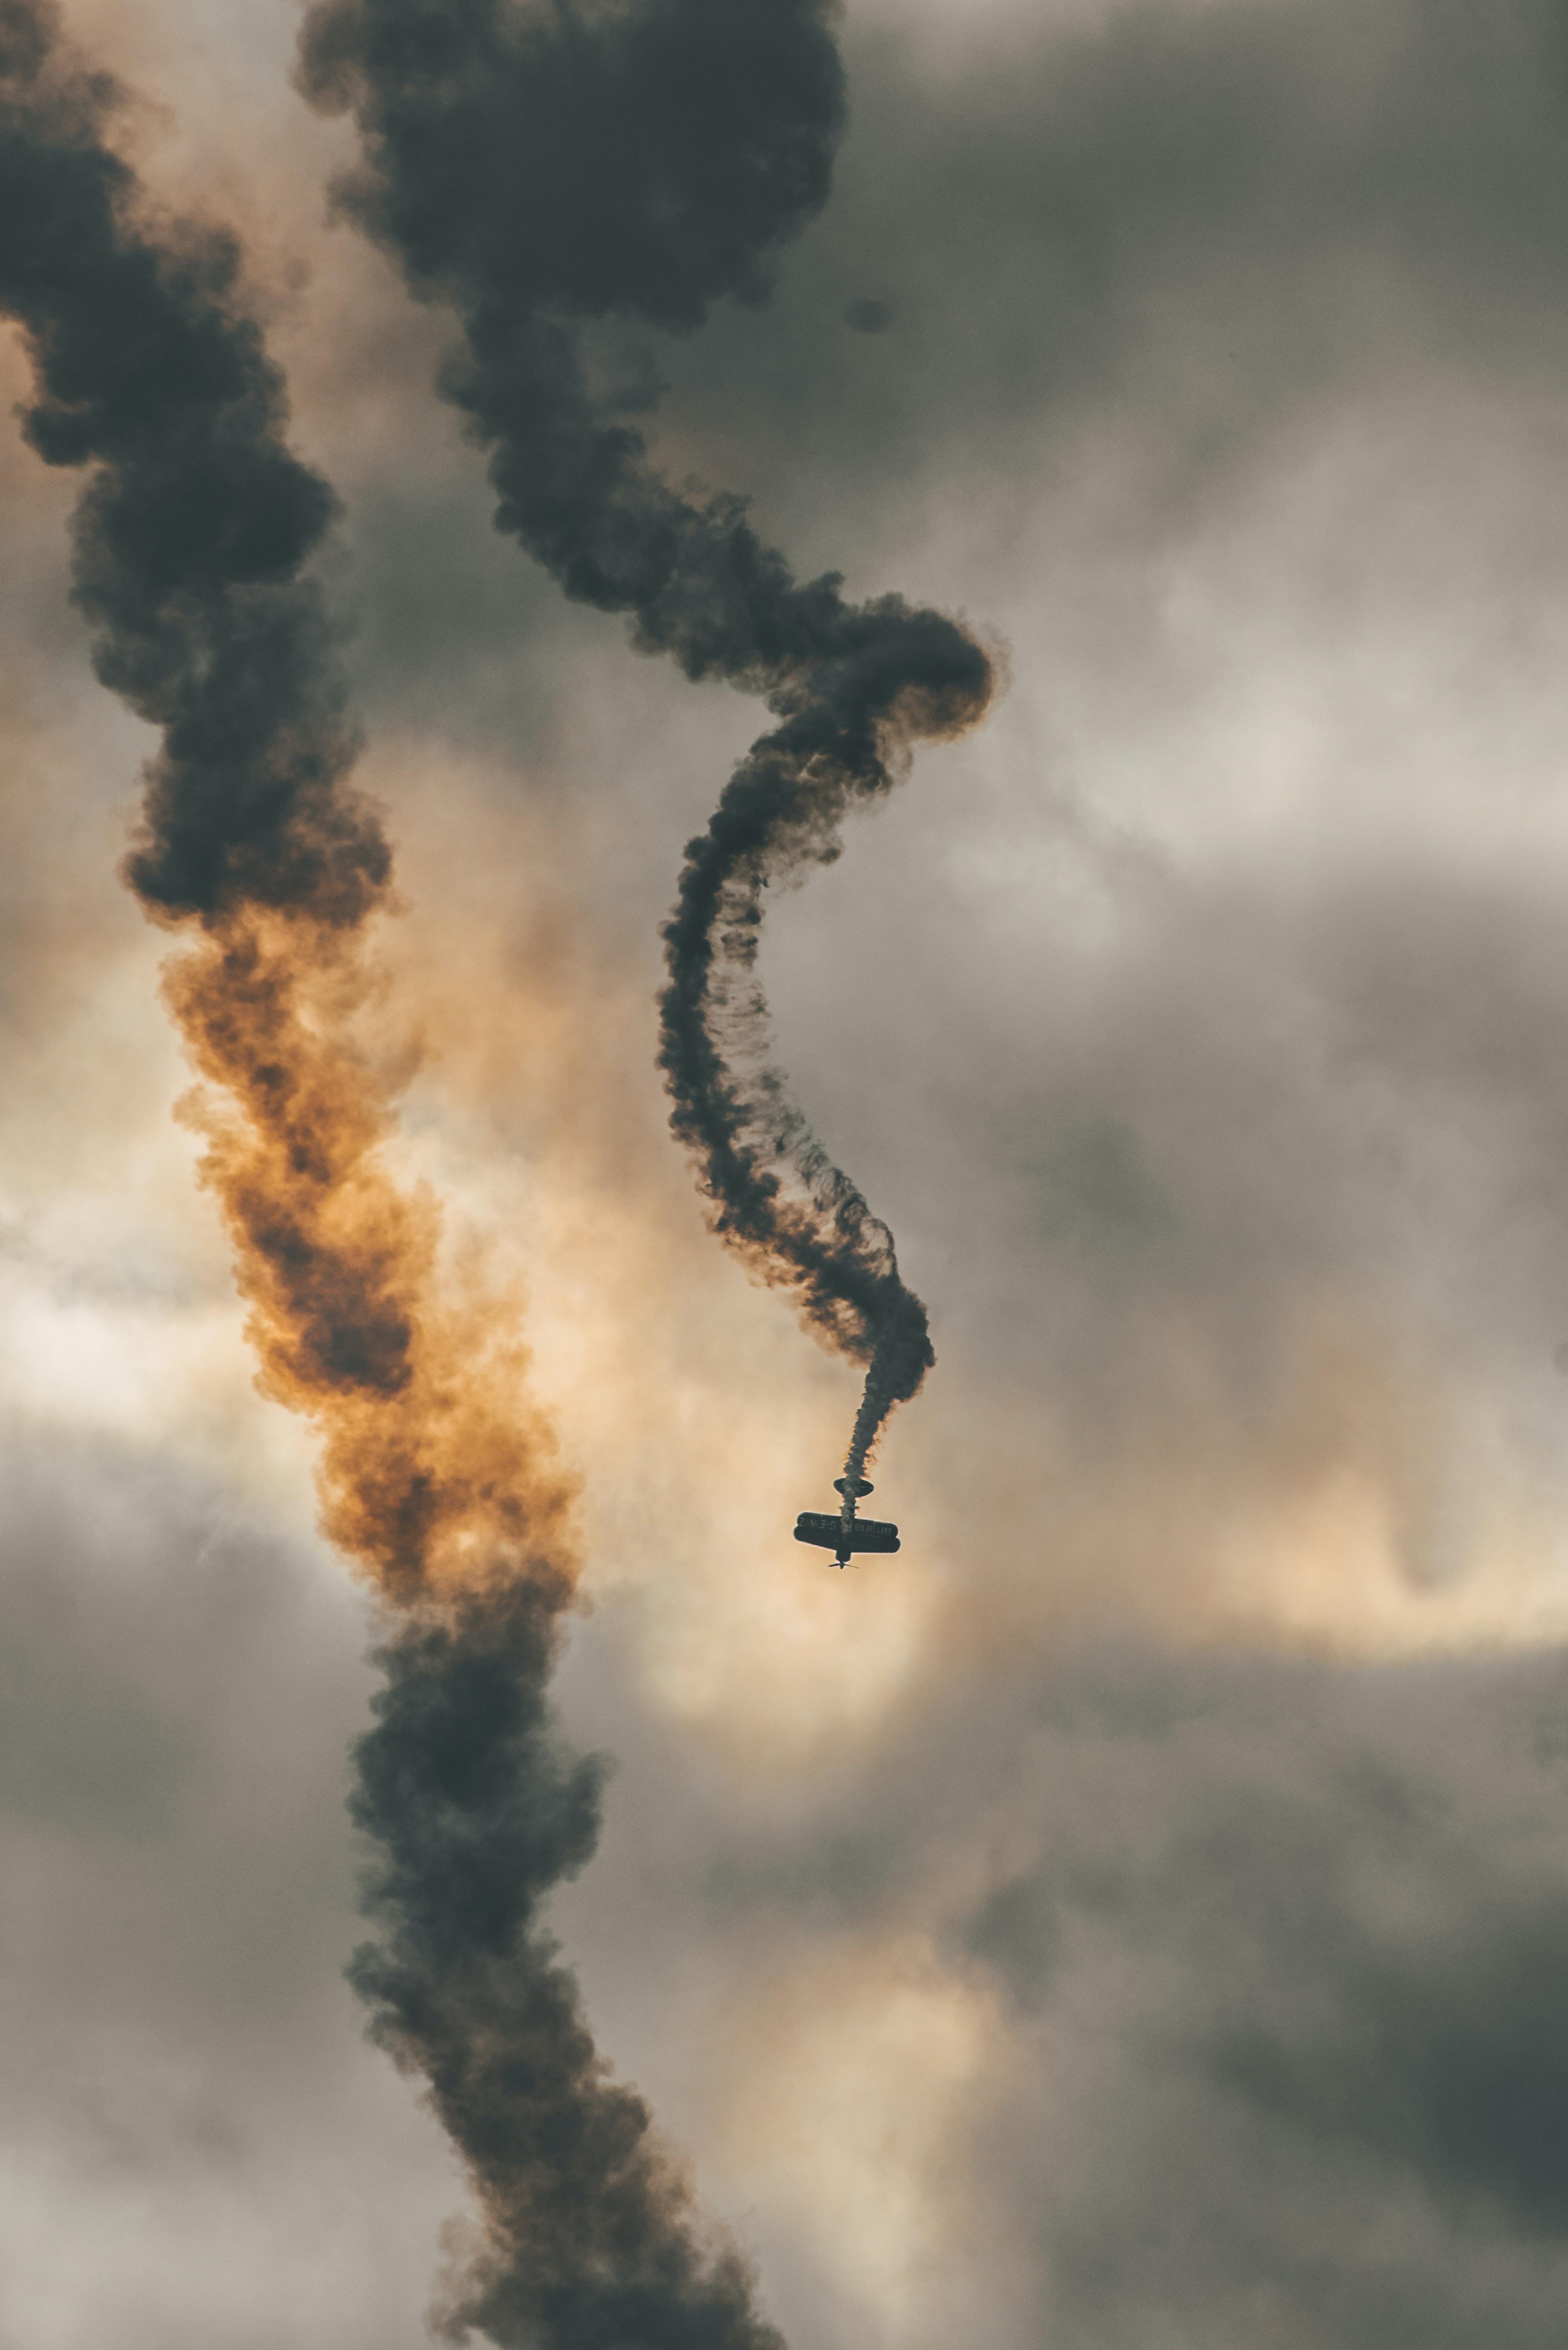 crashing plane during daytime